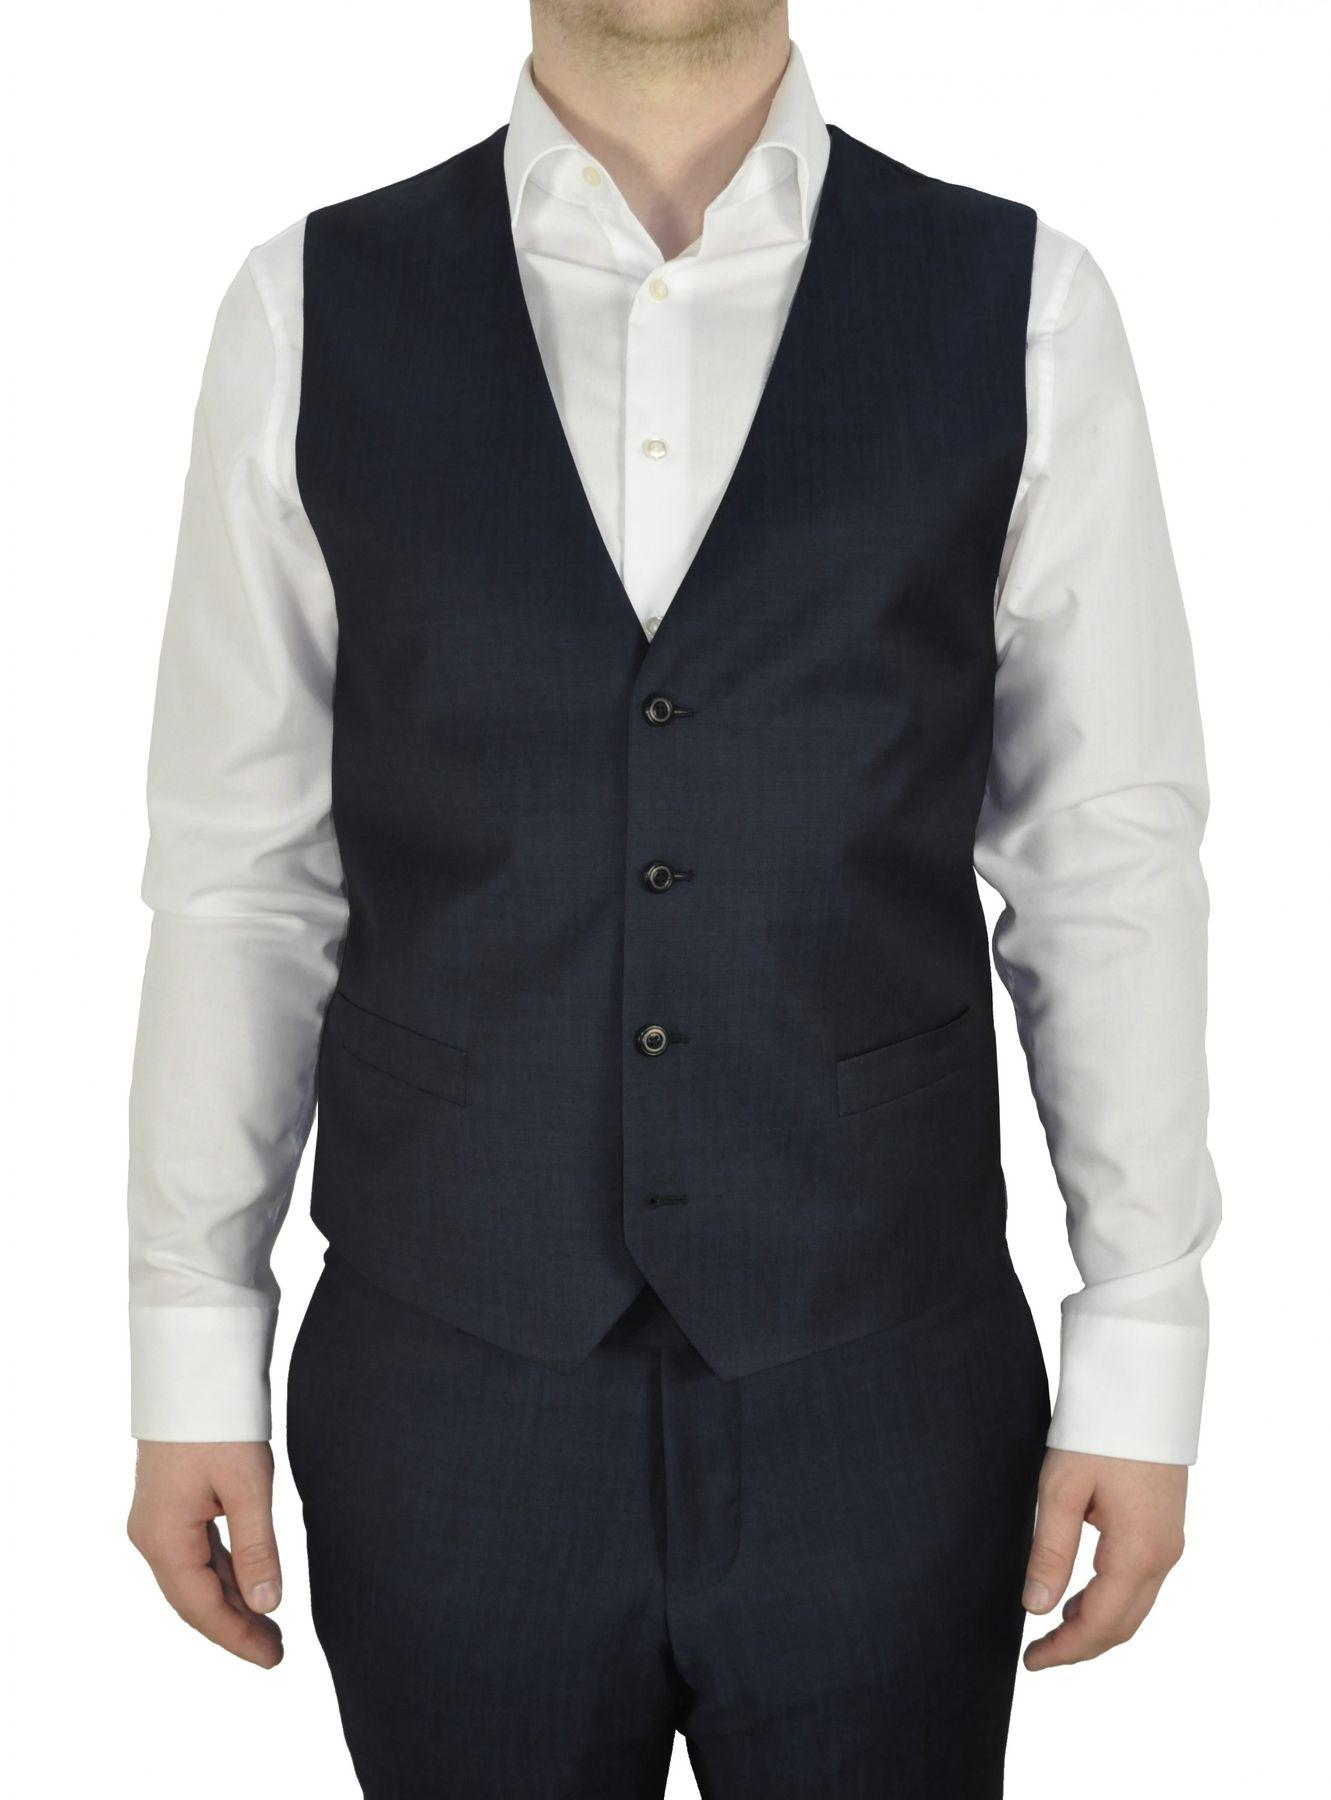 Masterhand - Tailored Fit - Herren Baukasten Weste aus 84% Schurwolle und 16% Mohair in verschiedenen Farben, 900 8095 (Team) – Bild 3